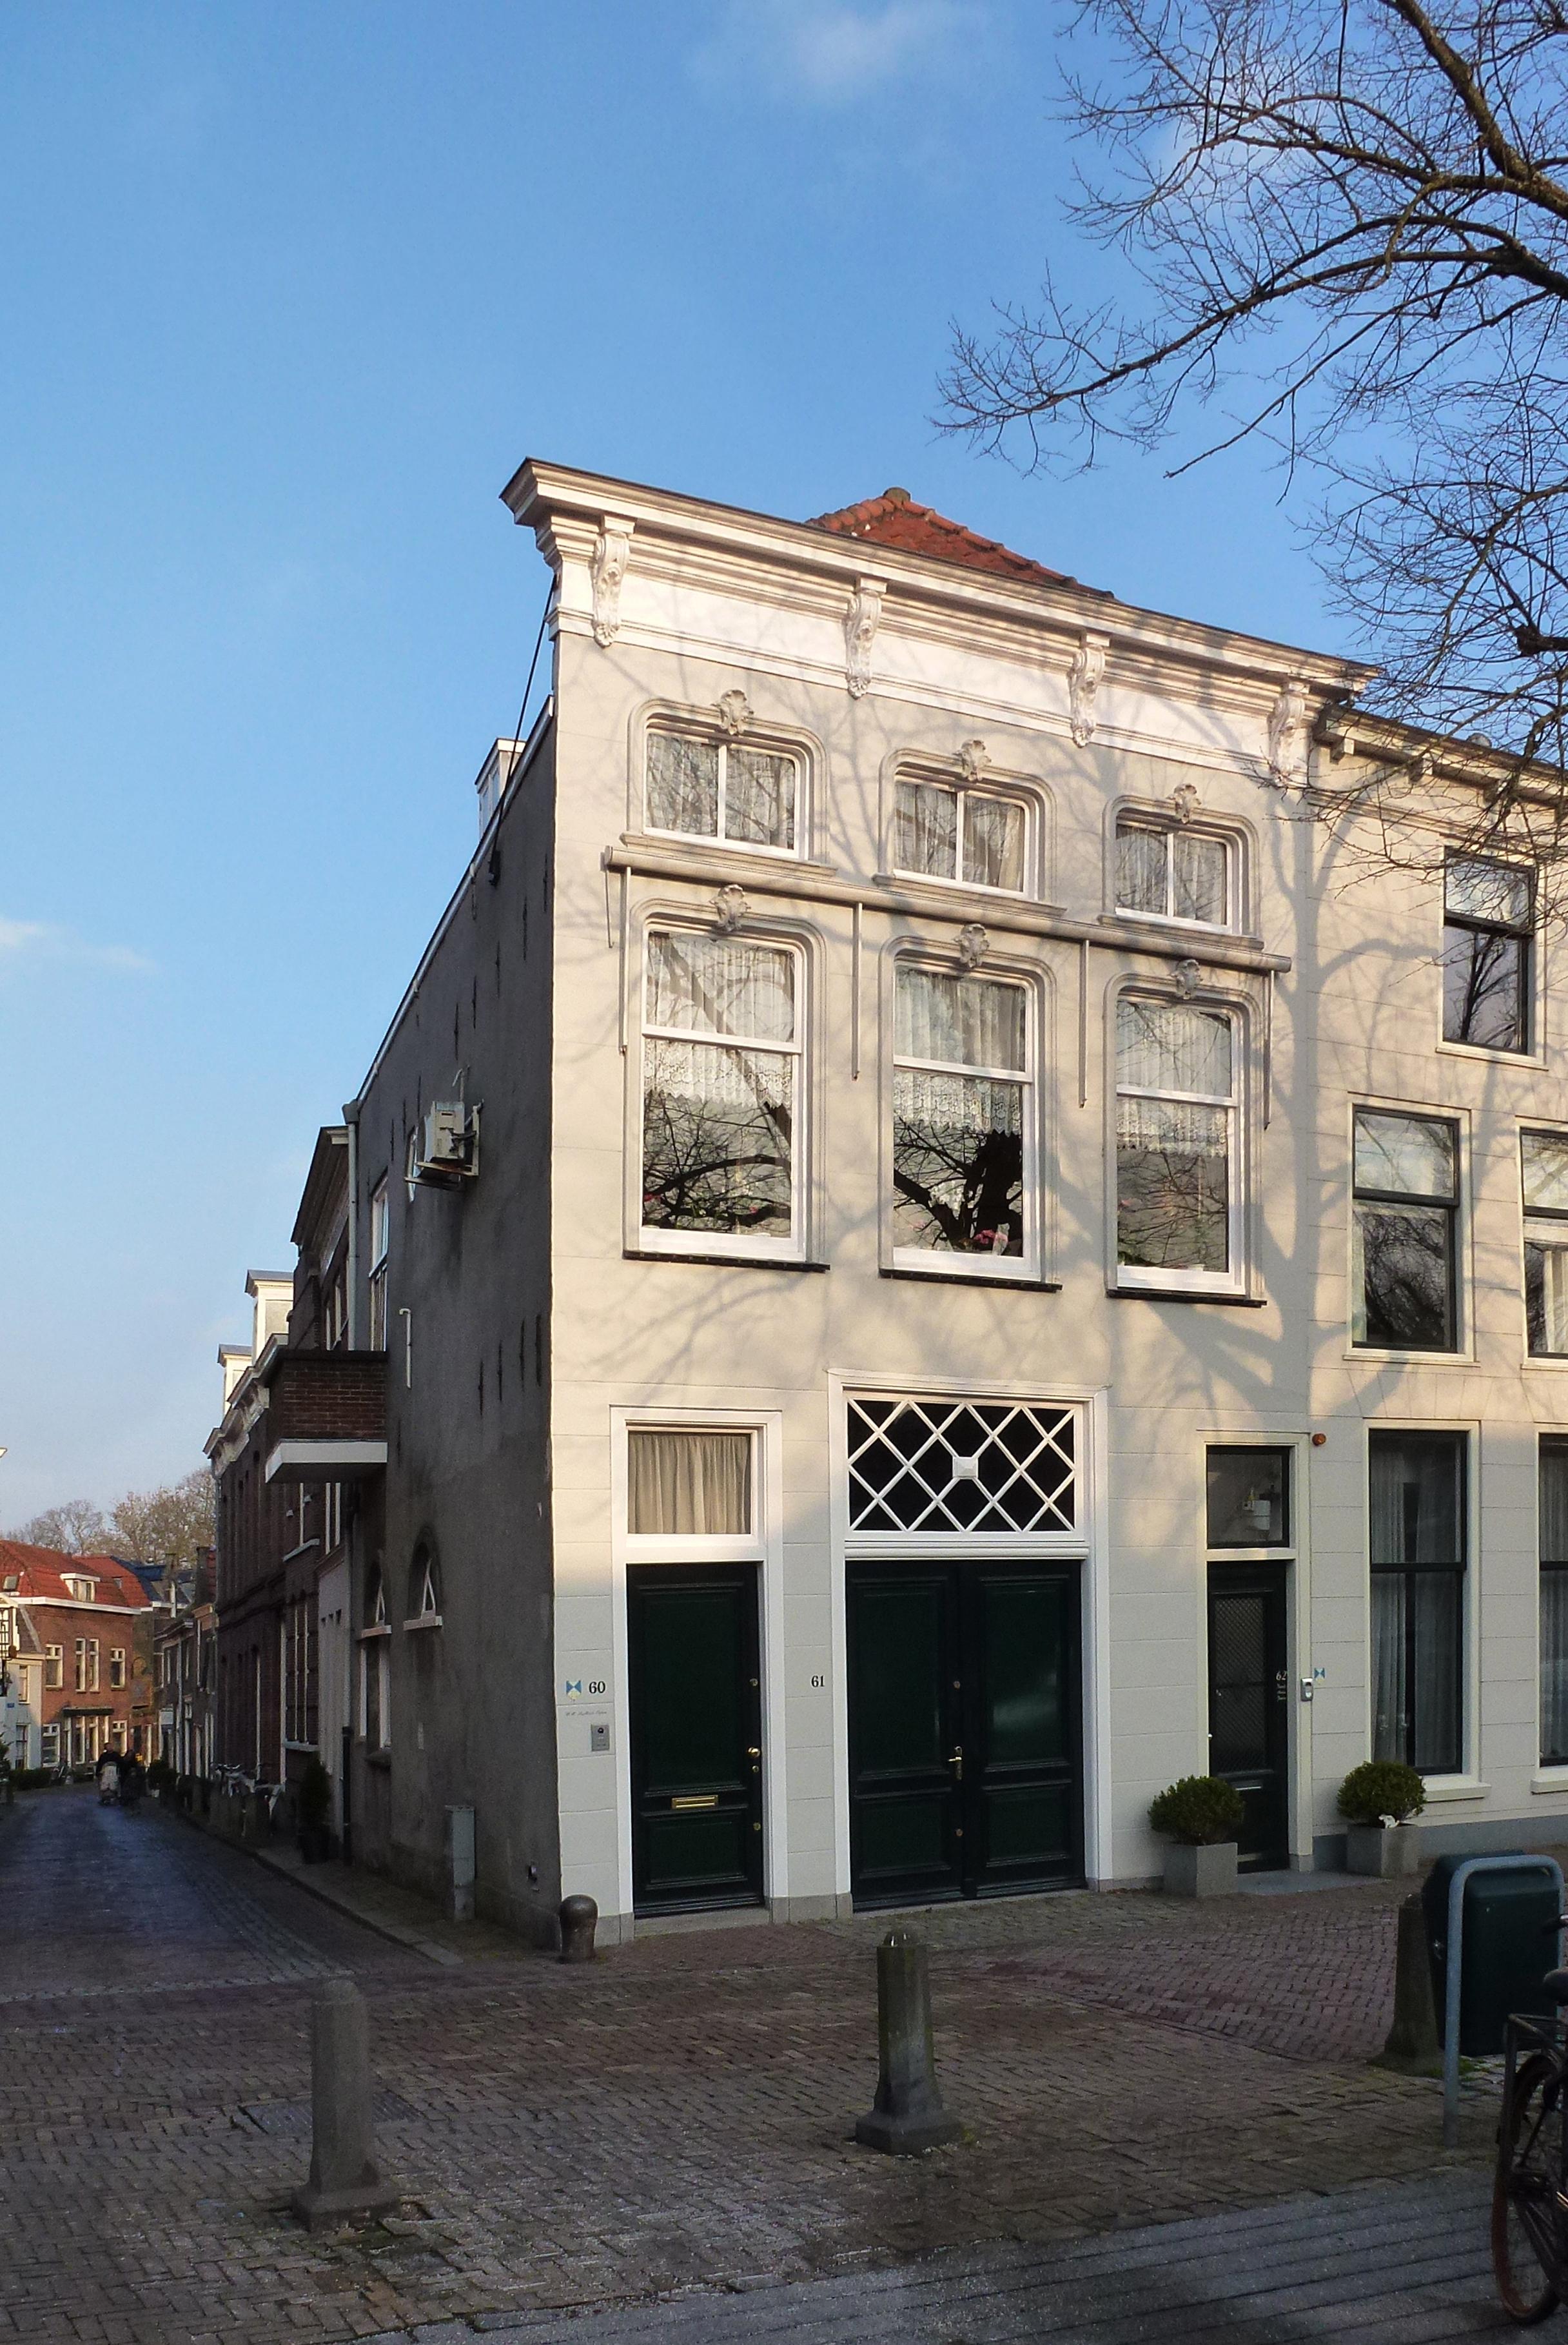 File:Oosthaven 60, 61, 62, Gouda.jpg